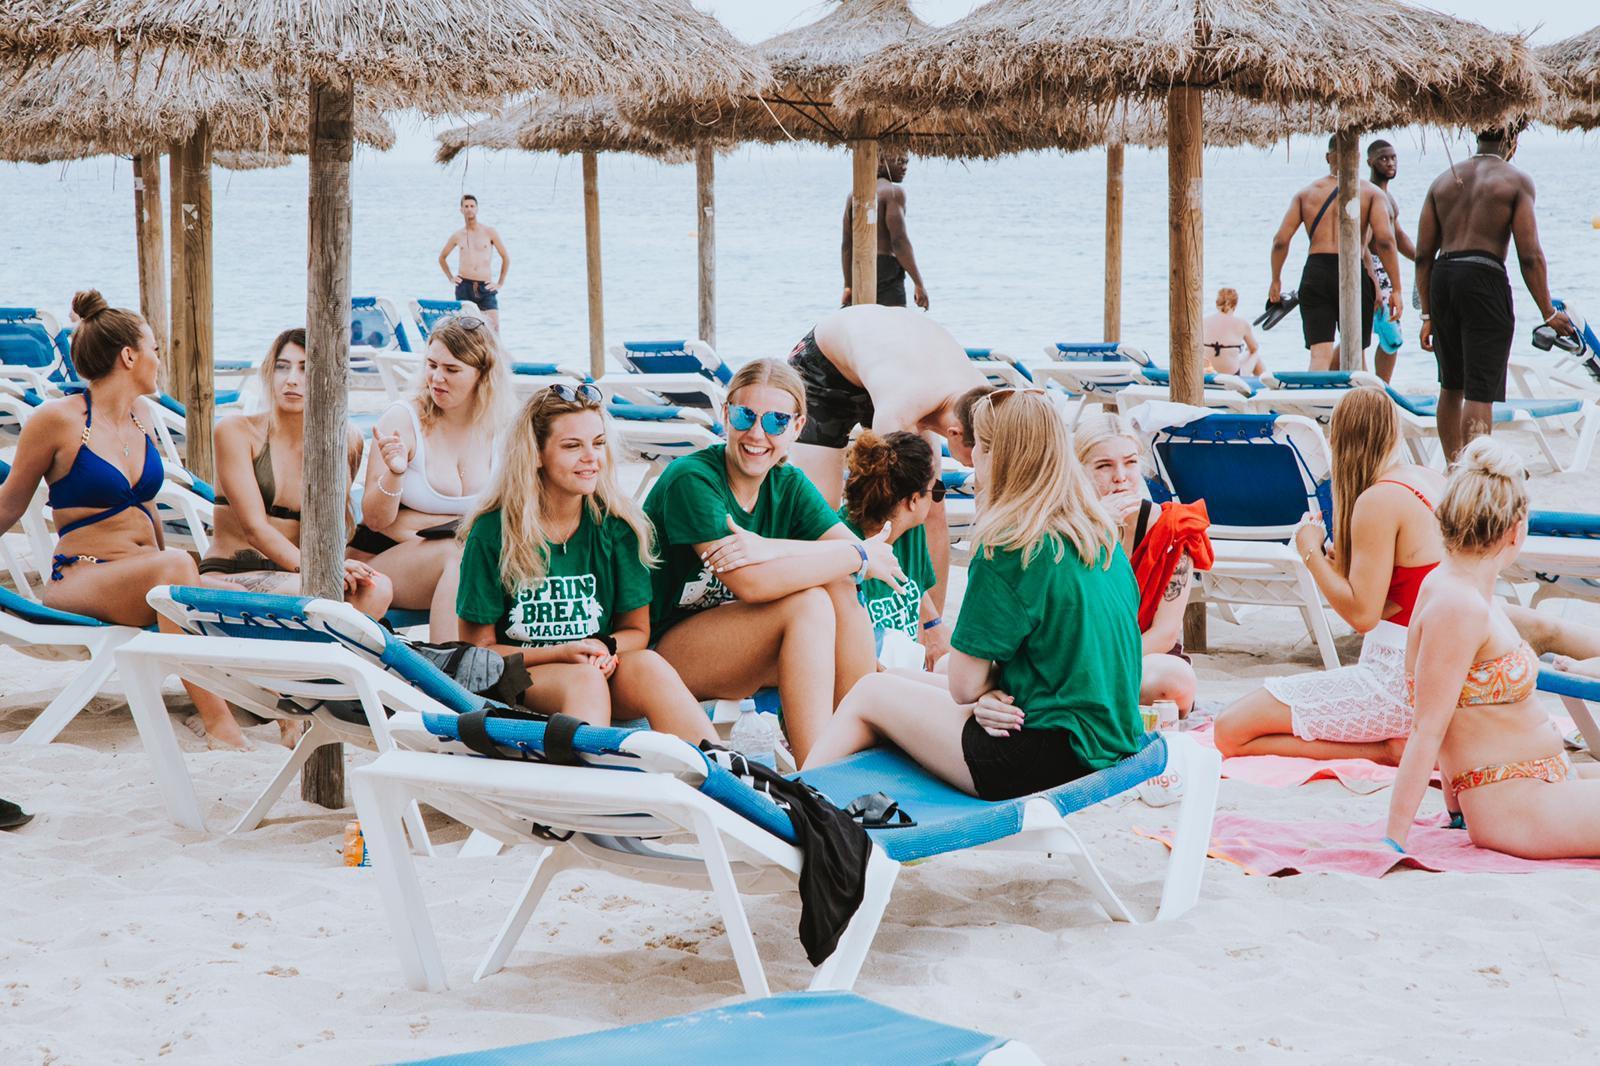 summer jobs abroad - spring break workers